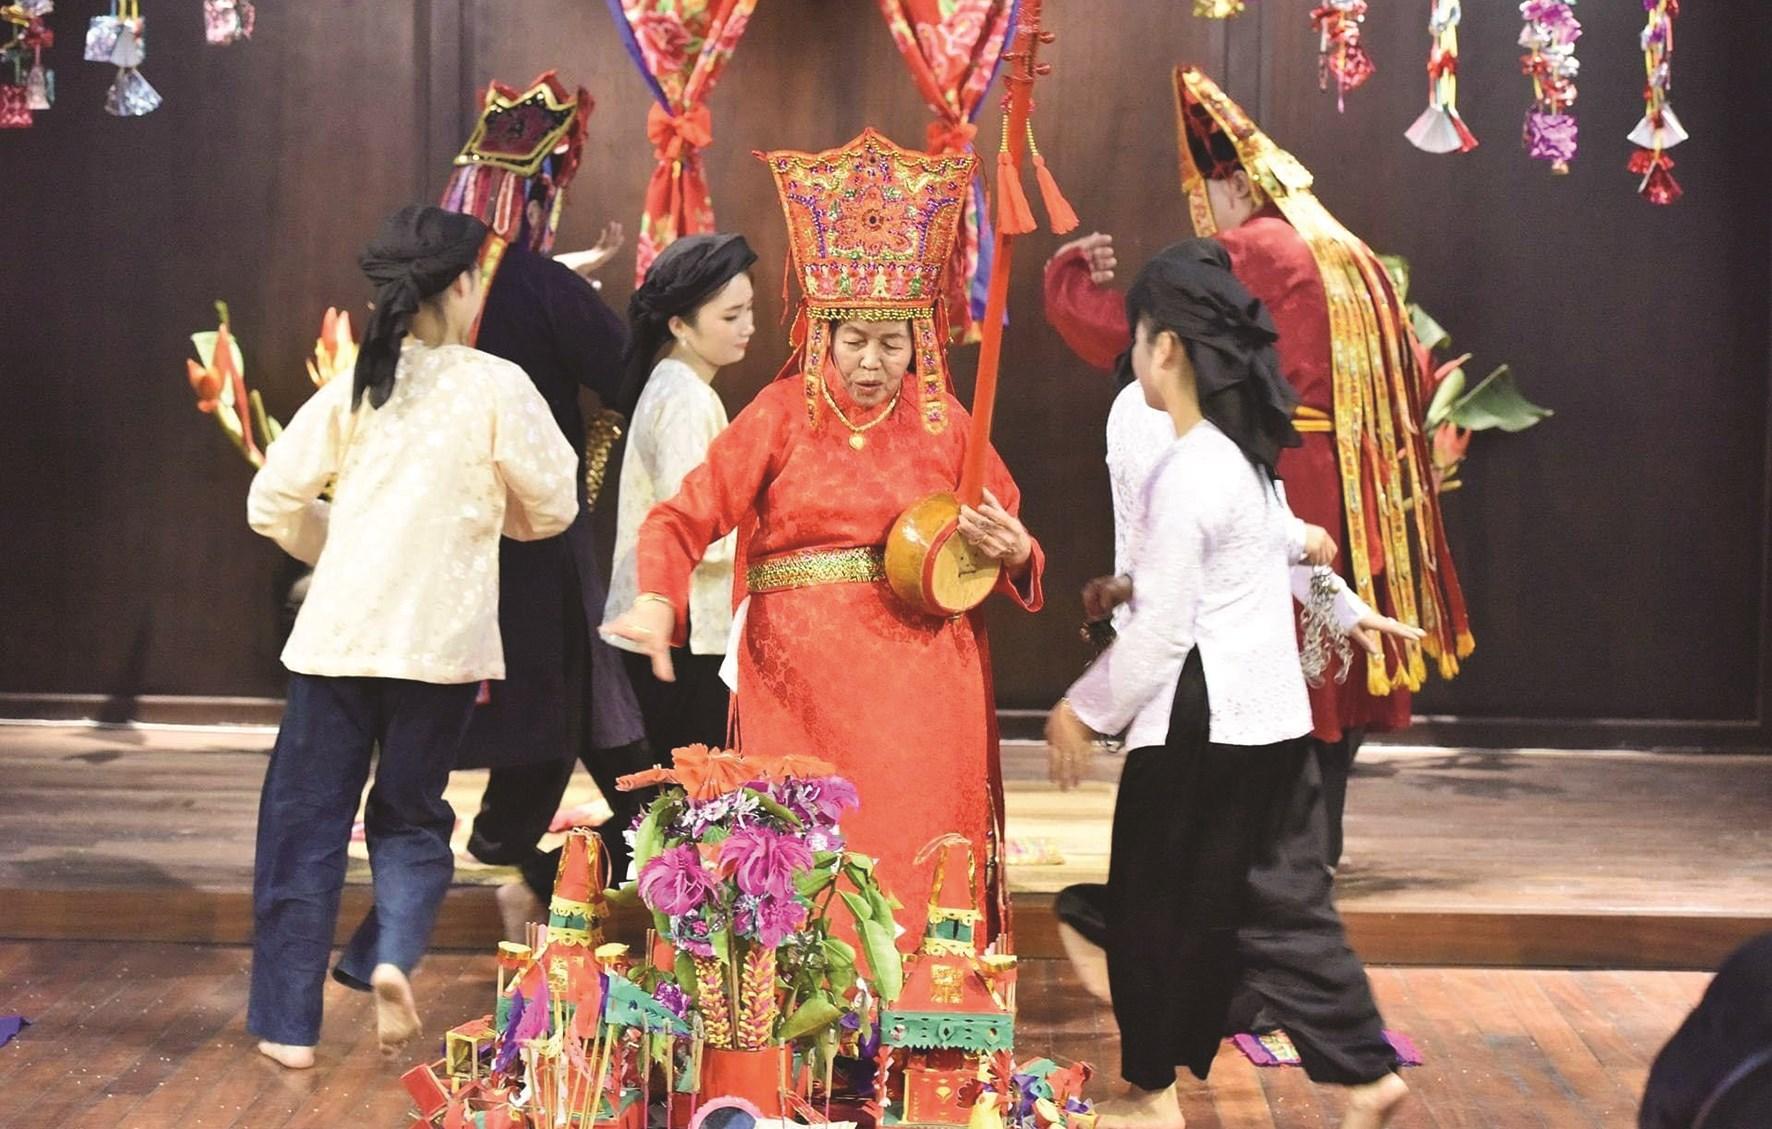 Nghệ nhân Then Nông Thị Lìm (ở giữa) được Chủ tịch nước phong tặng danh hiệu Nghệ nhân Ưu tú năm 2015